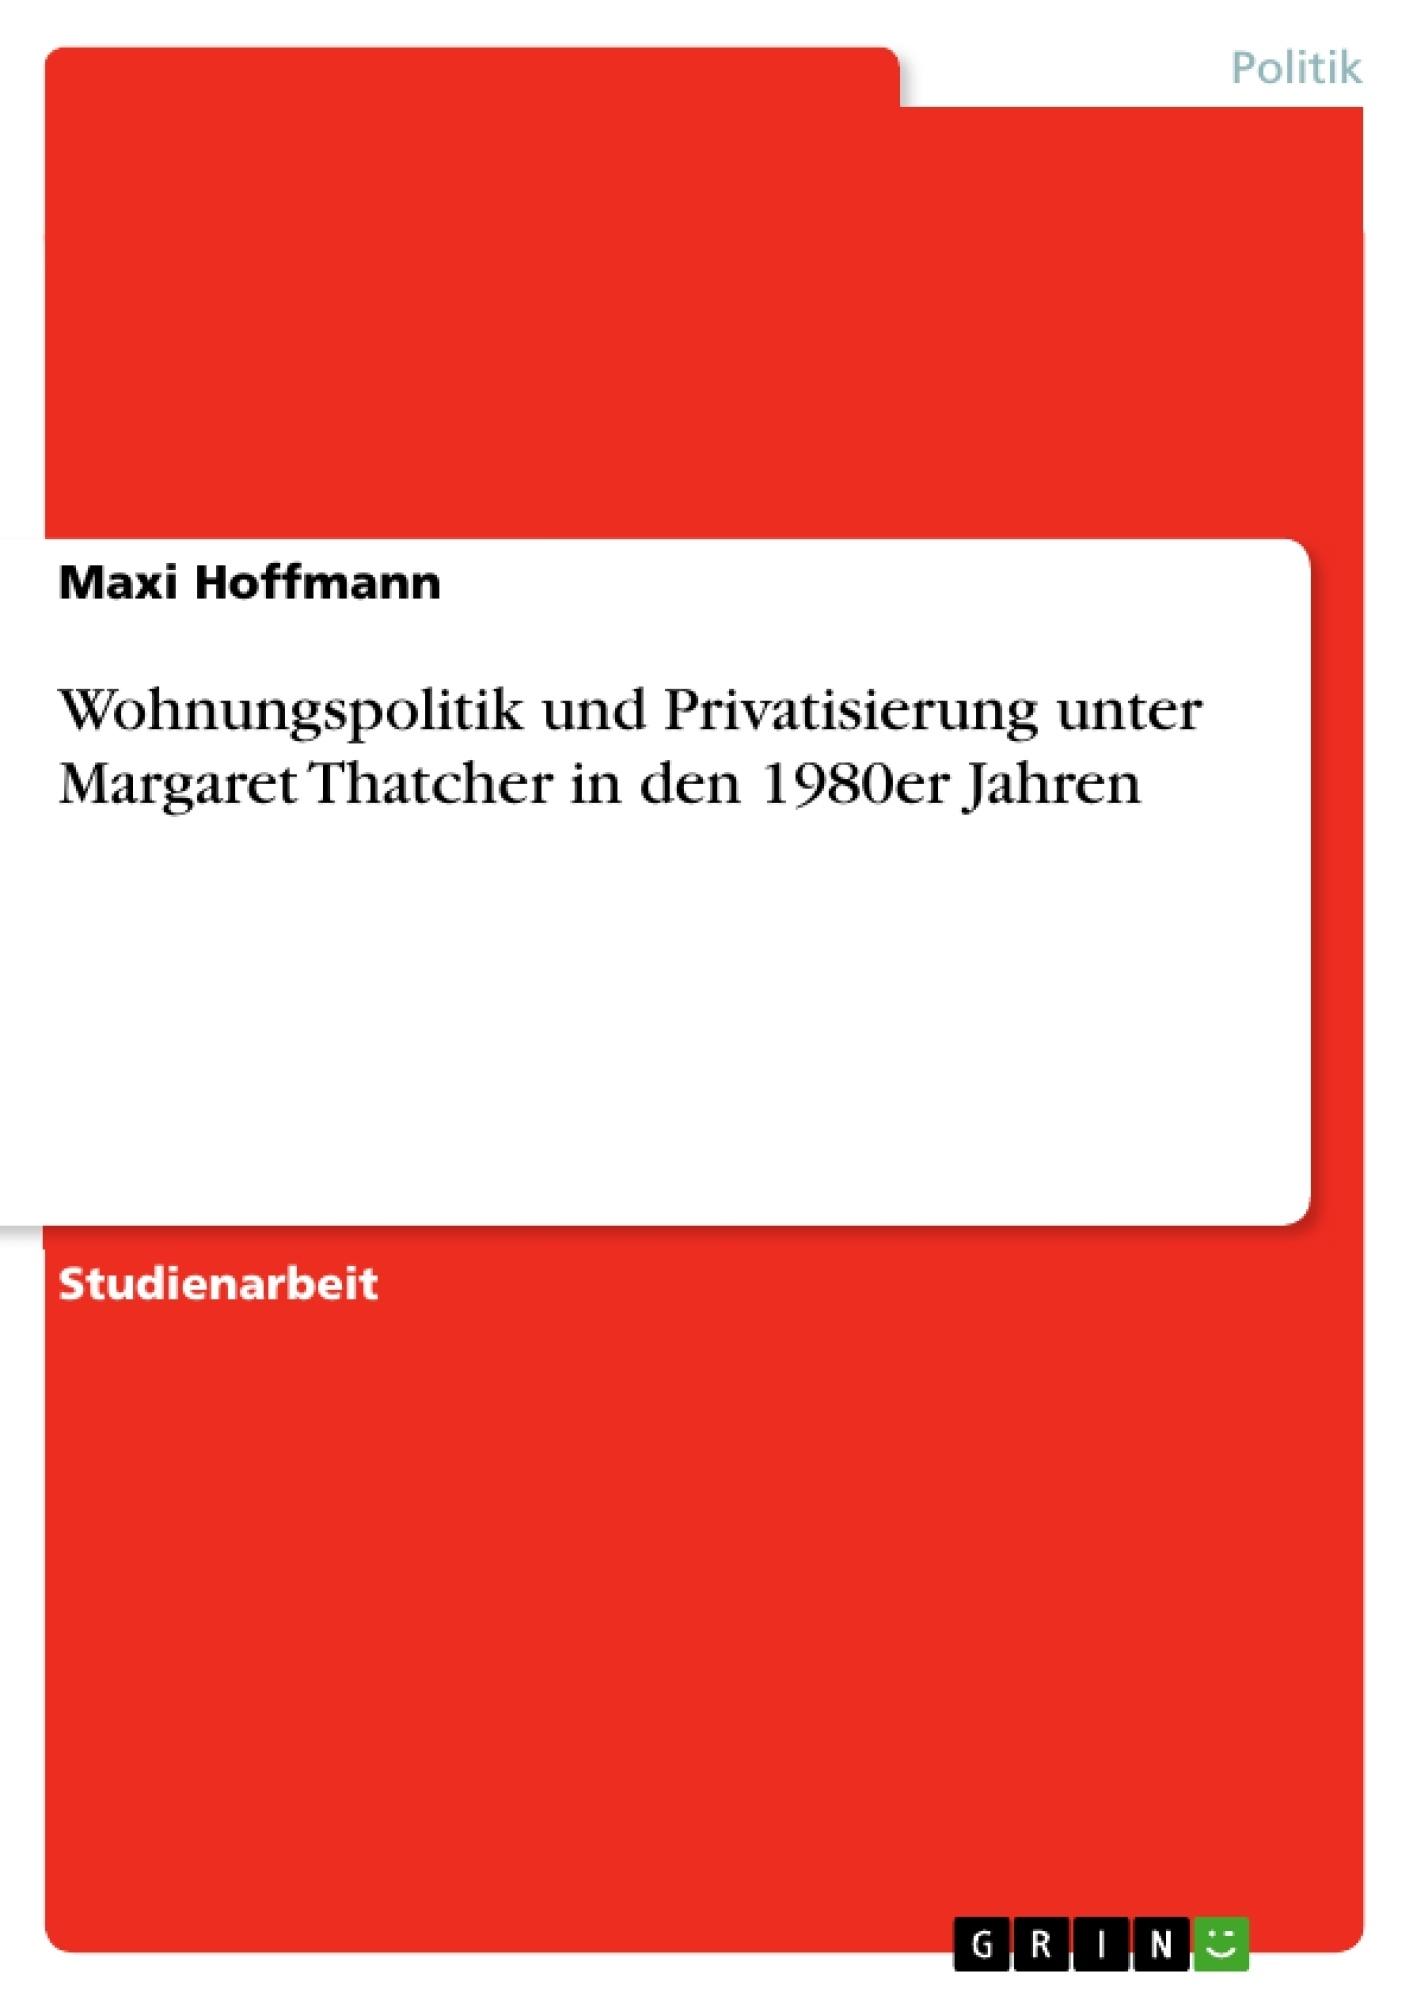 Titel: Wohnungspolitik und Privatisierung unter Margaret Thatcher in den 1980er Jahren